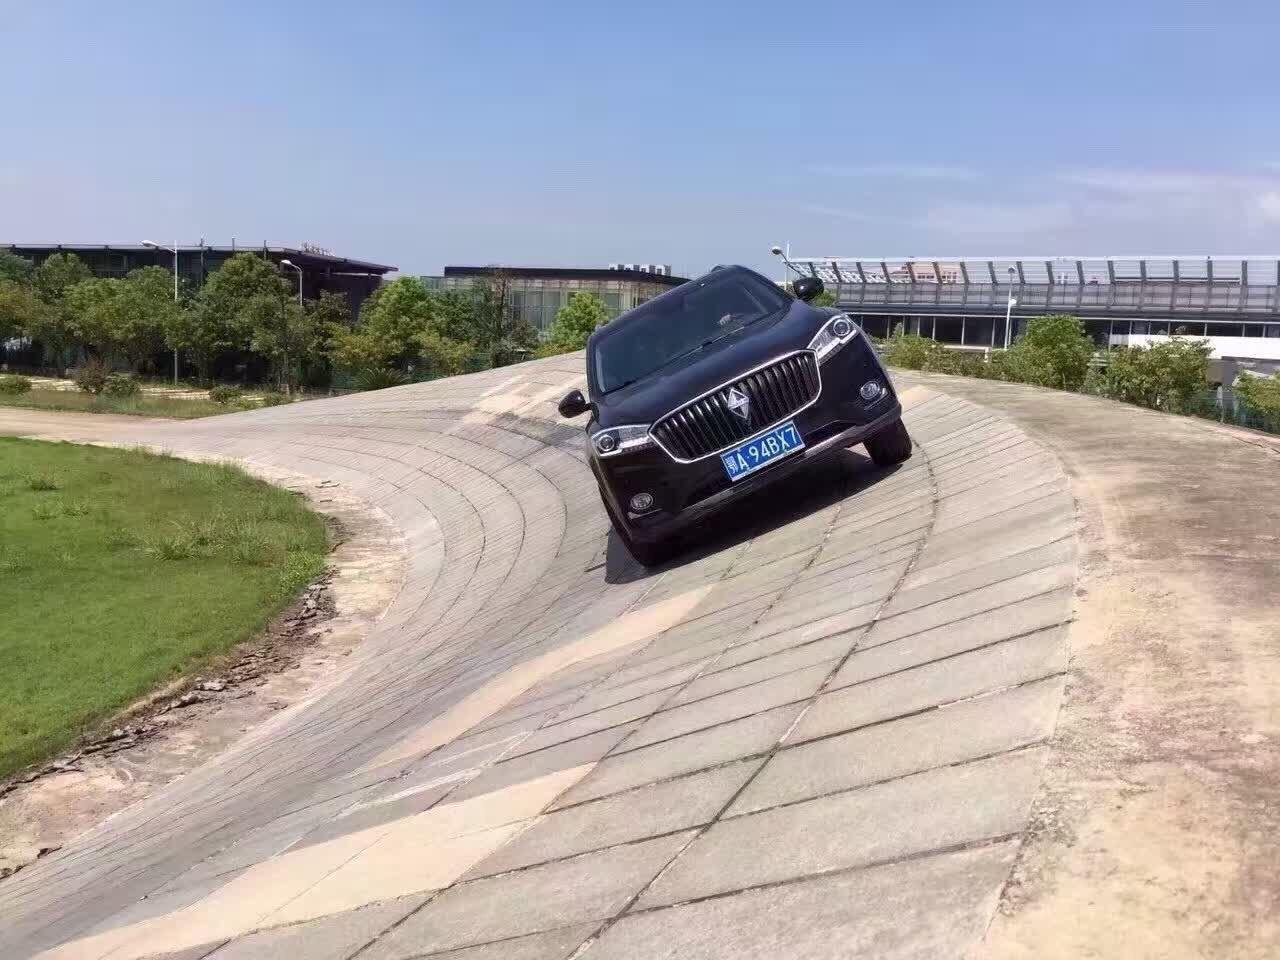 宝沃BX7 SUV 20万元内能享受到的四驱快感